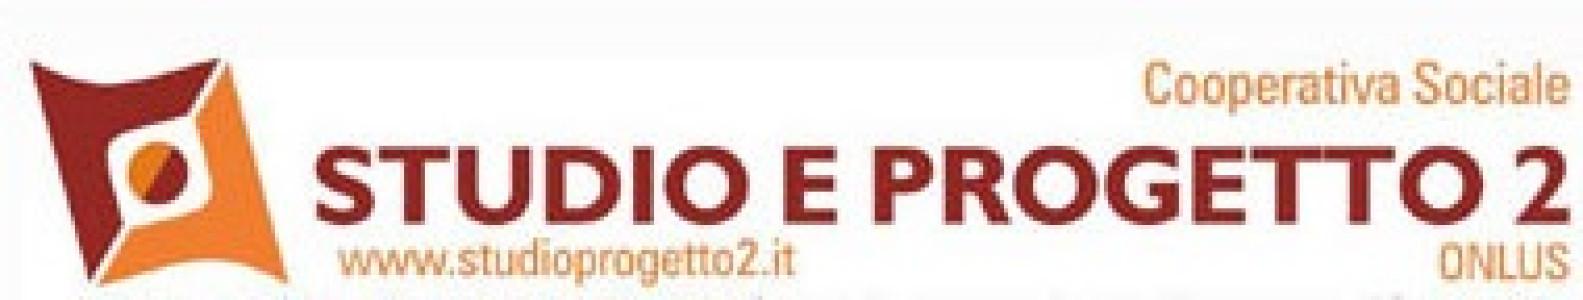 Studio e Progetto 2  – Cooperativa Sociale ONLUS (OR)